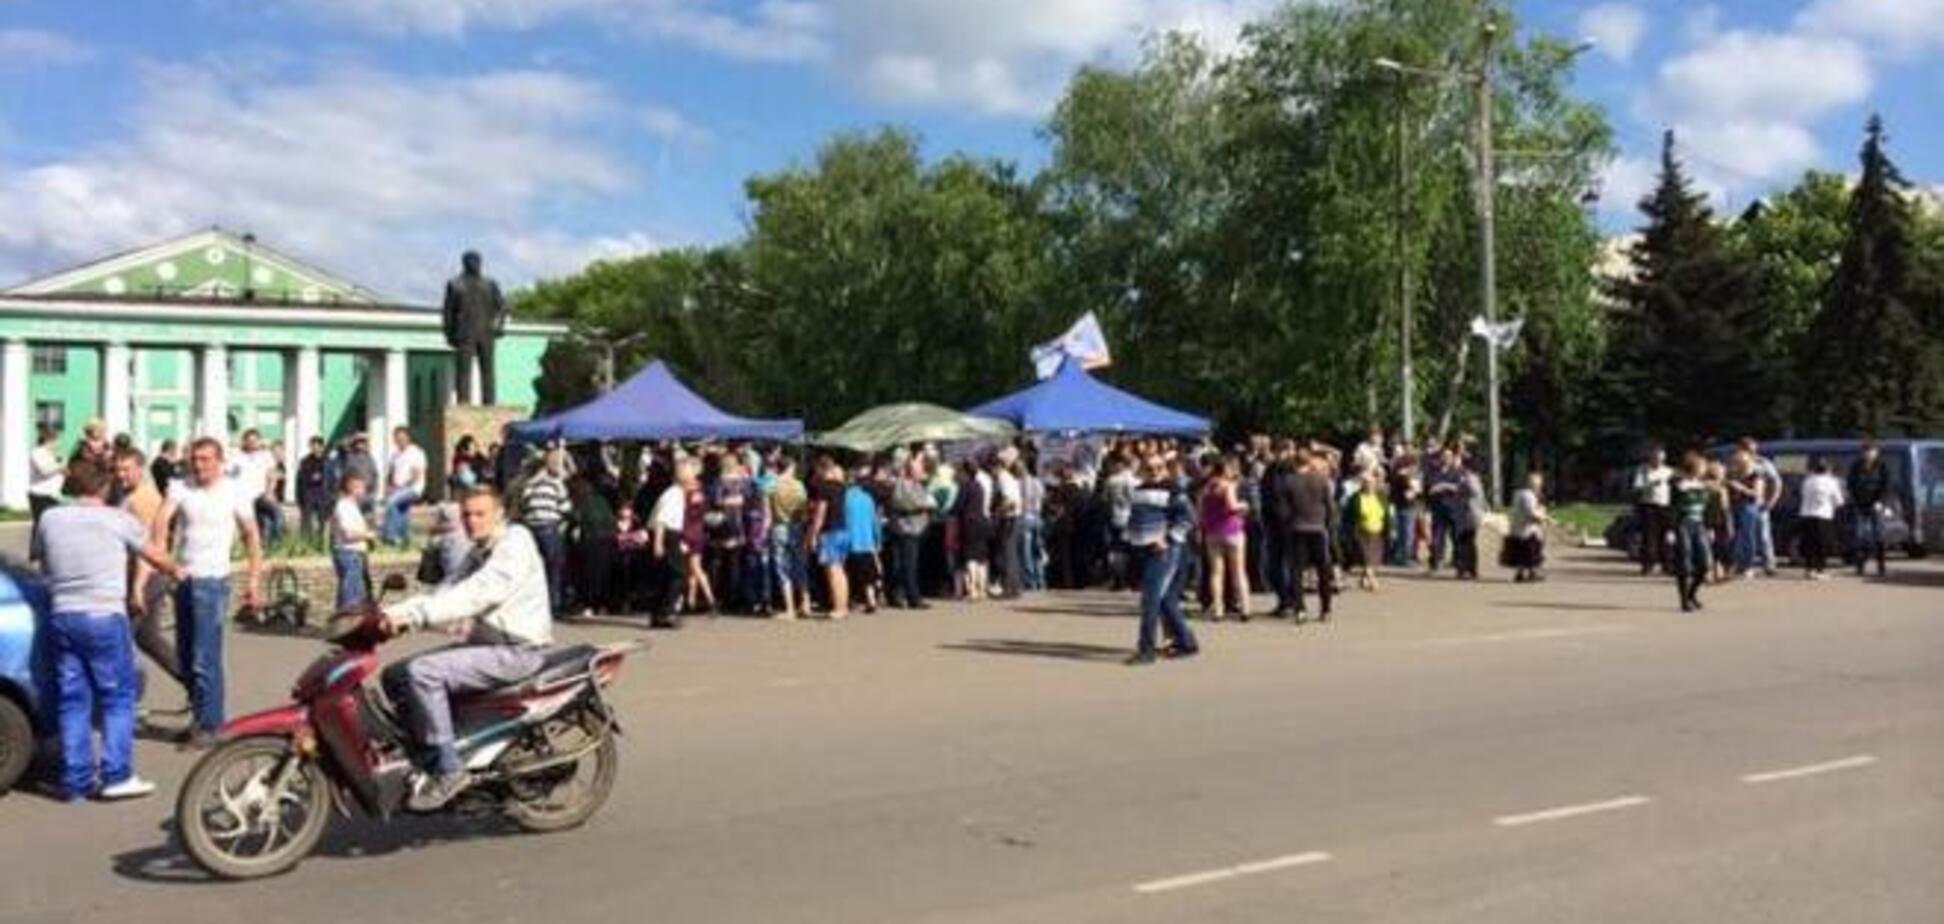 На 'референдуме' ДНР на Донетчине угощают проголосовавших водкой - СМИ